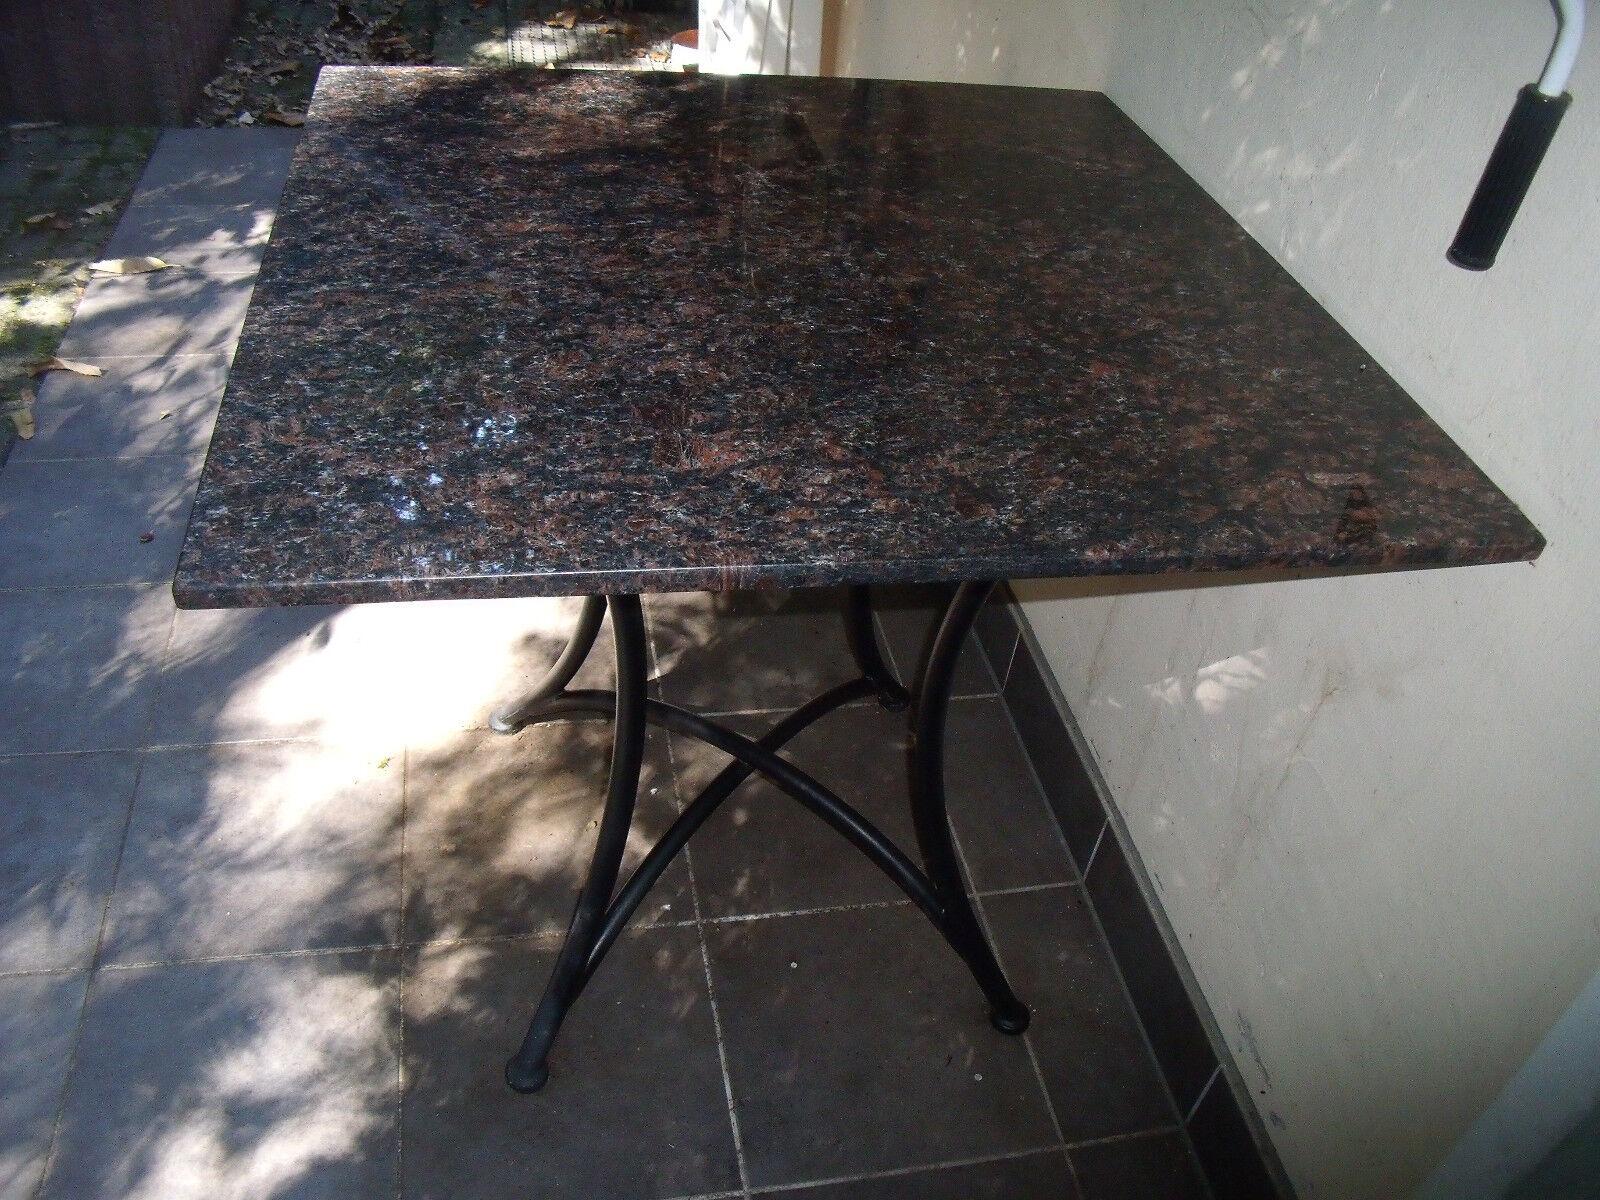 Gartentisch Granit Test Vergleich Gartentisch Granit Gunstig Kaufen